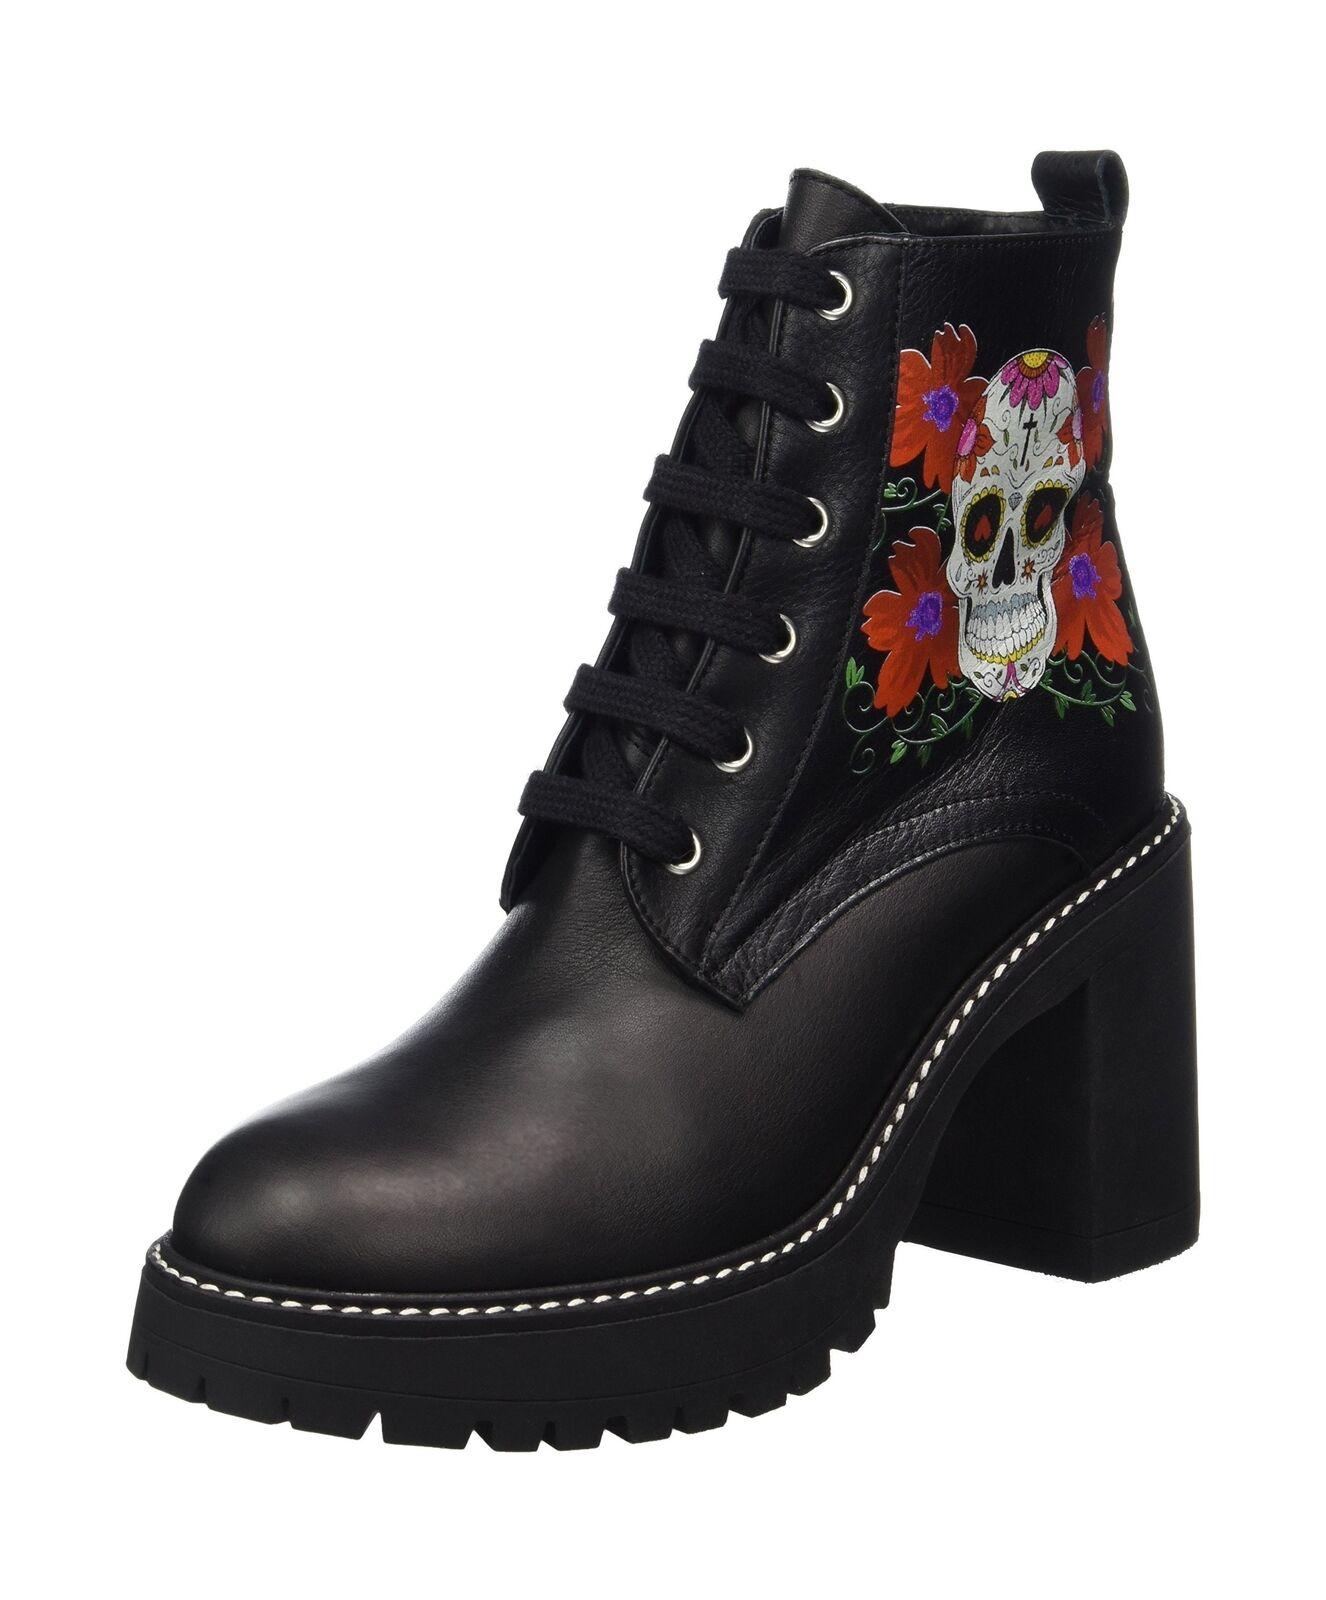 Buffalo para mujer Botas 4141 Salvaje Negro (Negro 01 0) 5.5 Reino Unido